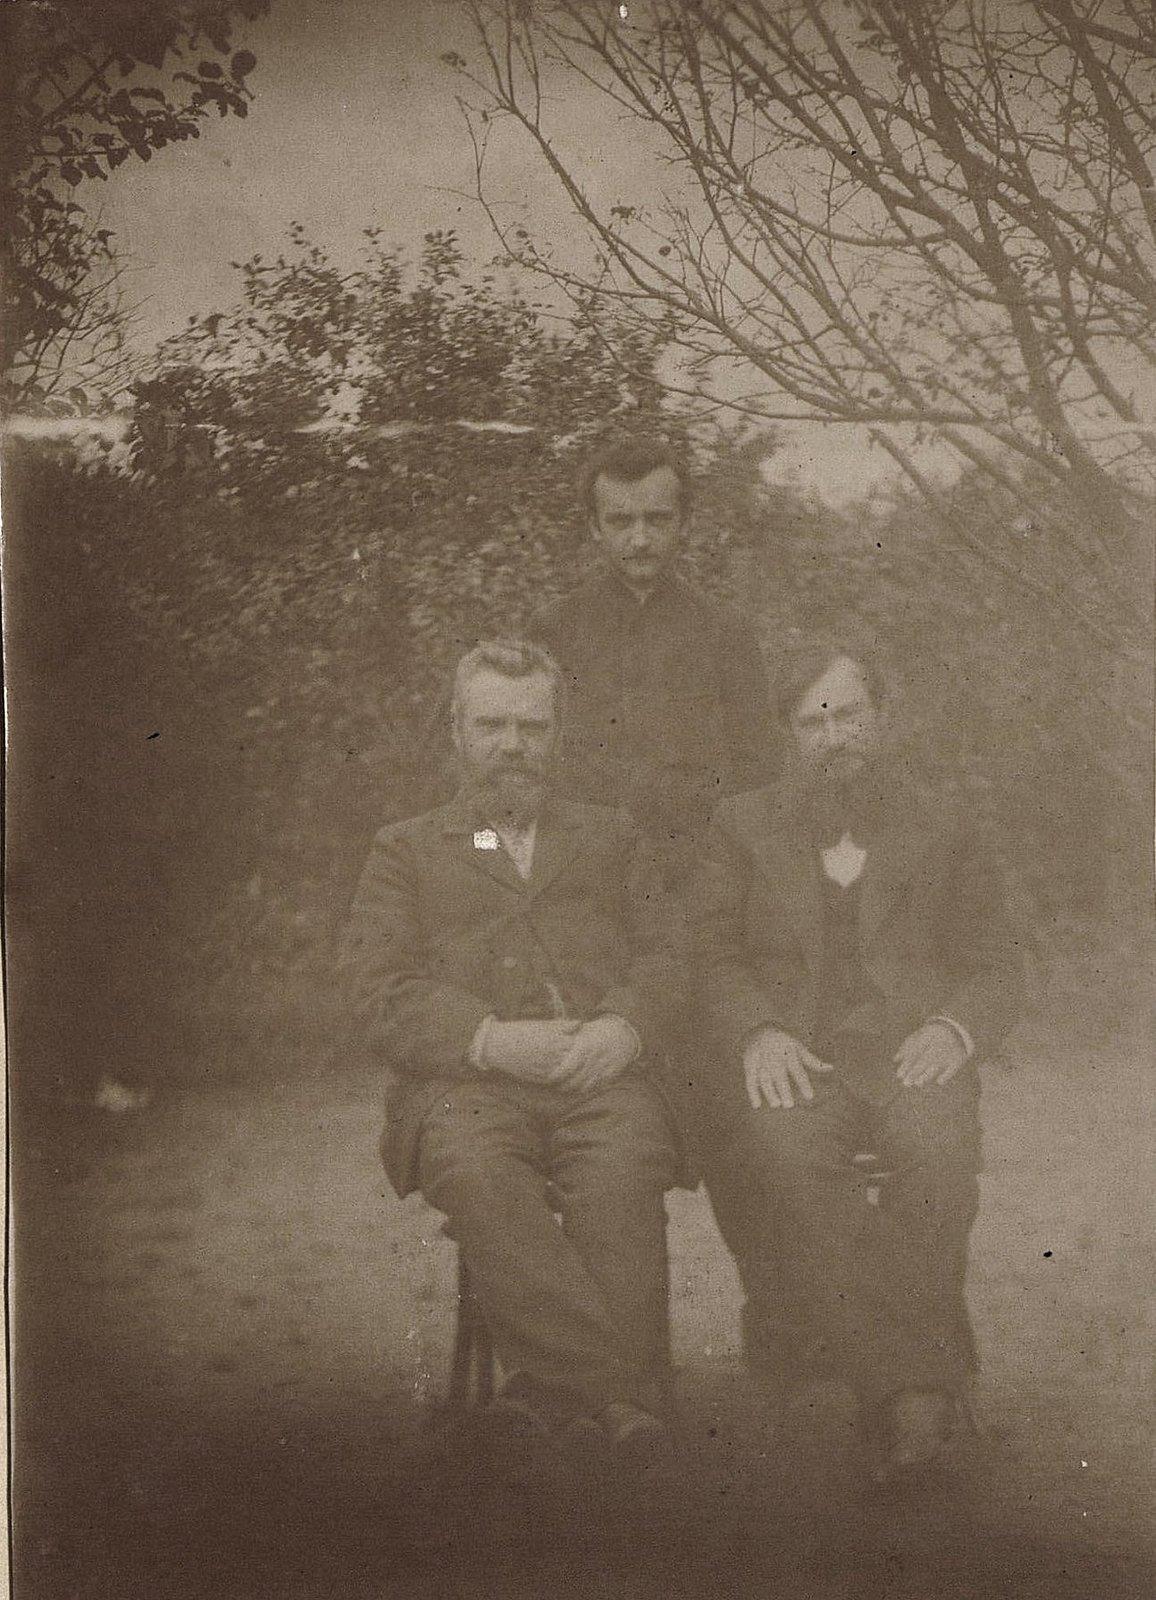 02. Трое неизвестных мужчин. 1890-е